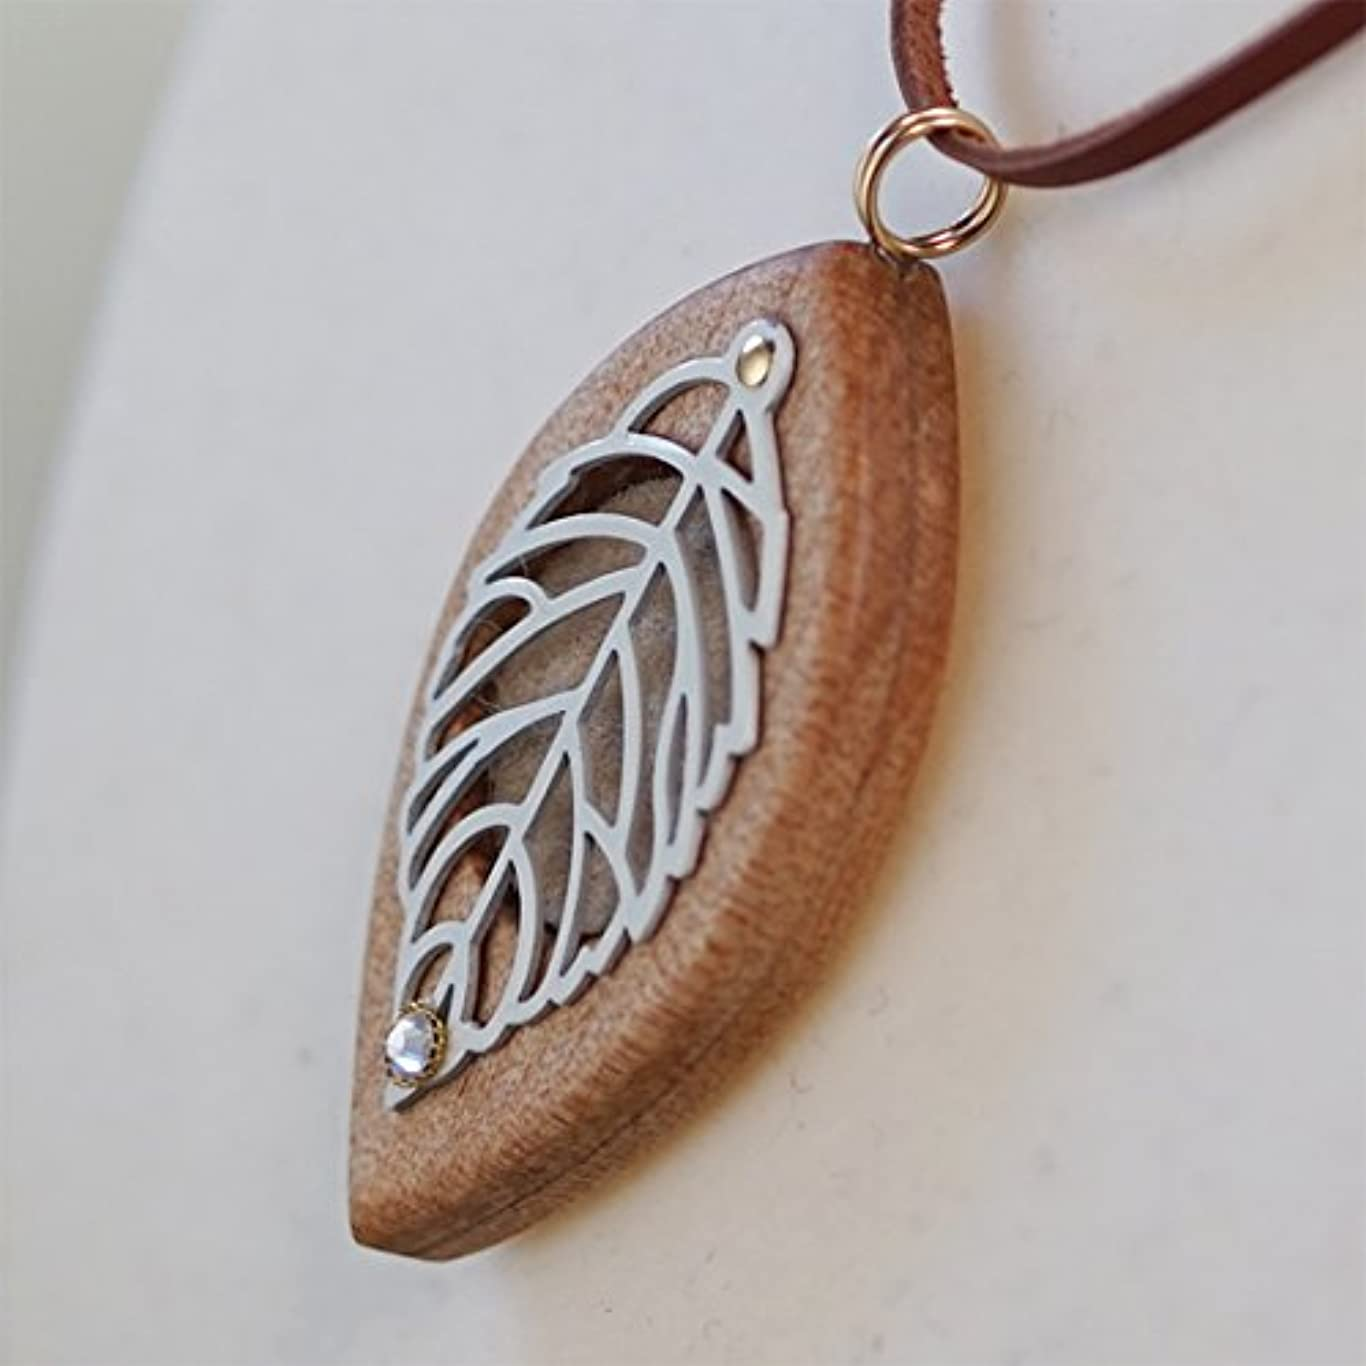 する一致する離れた木製オリジナルアロマペンダント 【天使の小瓶】 木の葉(シルバー)